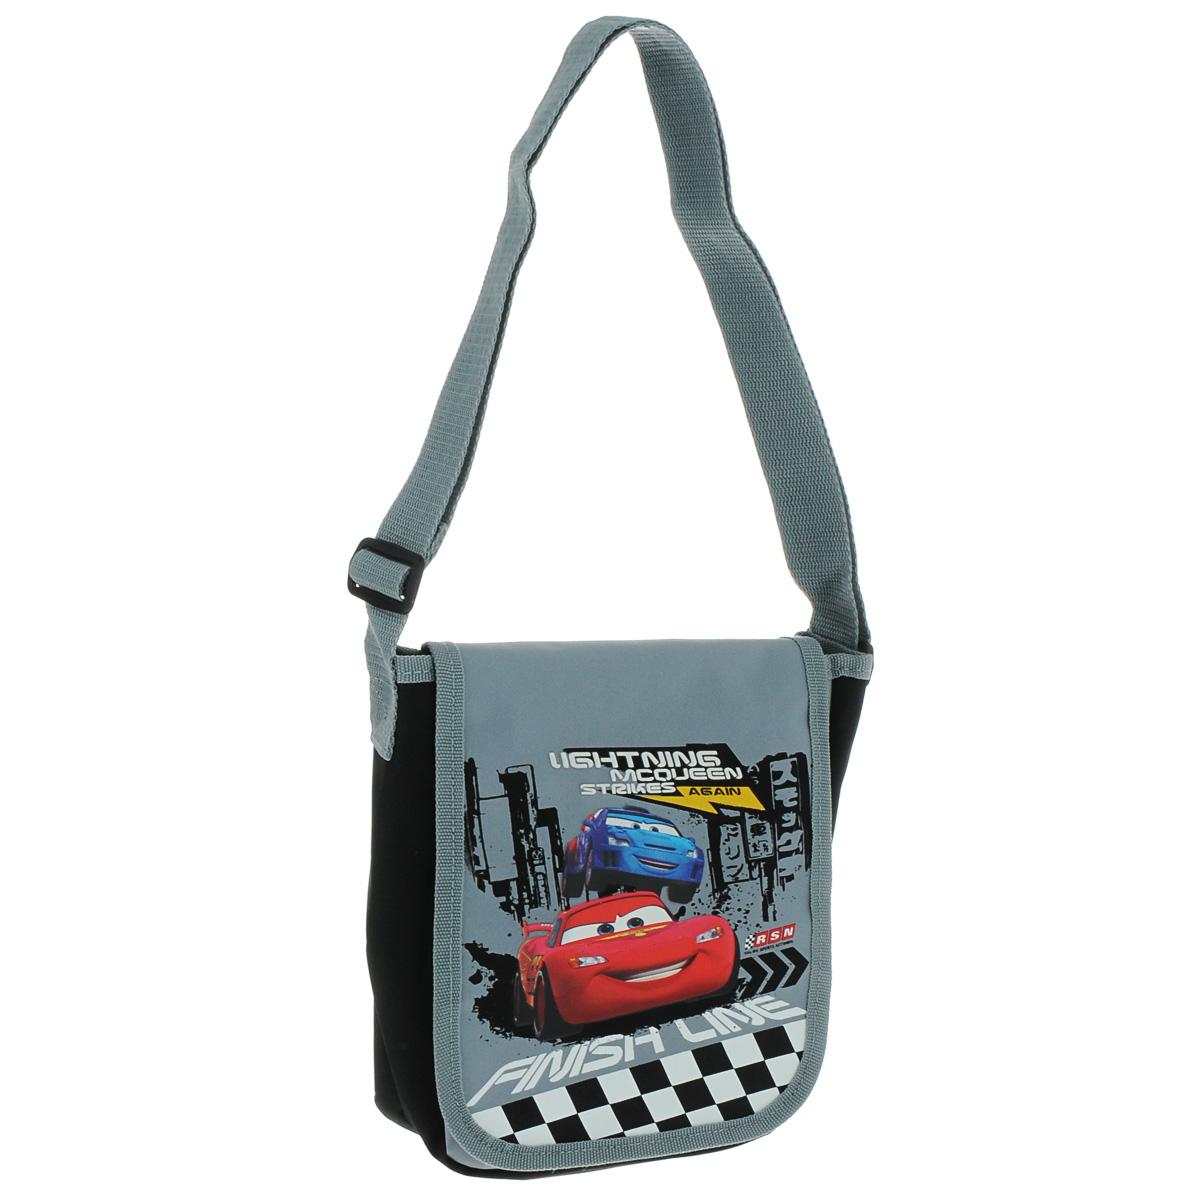 Сумка детская на плечо Cars, цвет: серый, черный. CRAP-UT-4060CRAP-UT-4060Детская сумка Cars выполнена из прочного полиэстера и оформлена термоаппликацией с изображением персонажей мультфильма Тачки. Сумочка содержит одно отделение и закрывается клапаном на липучке. Внутри находится пришивной кармашек для мелочей на молнии. Сумочка оснащена регулируемым по длине текстильным ремнем для переноски на плече, благодаря чему подойдет ребенку любого роста.